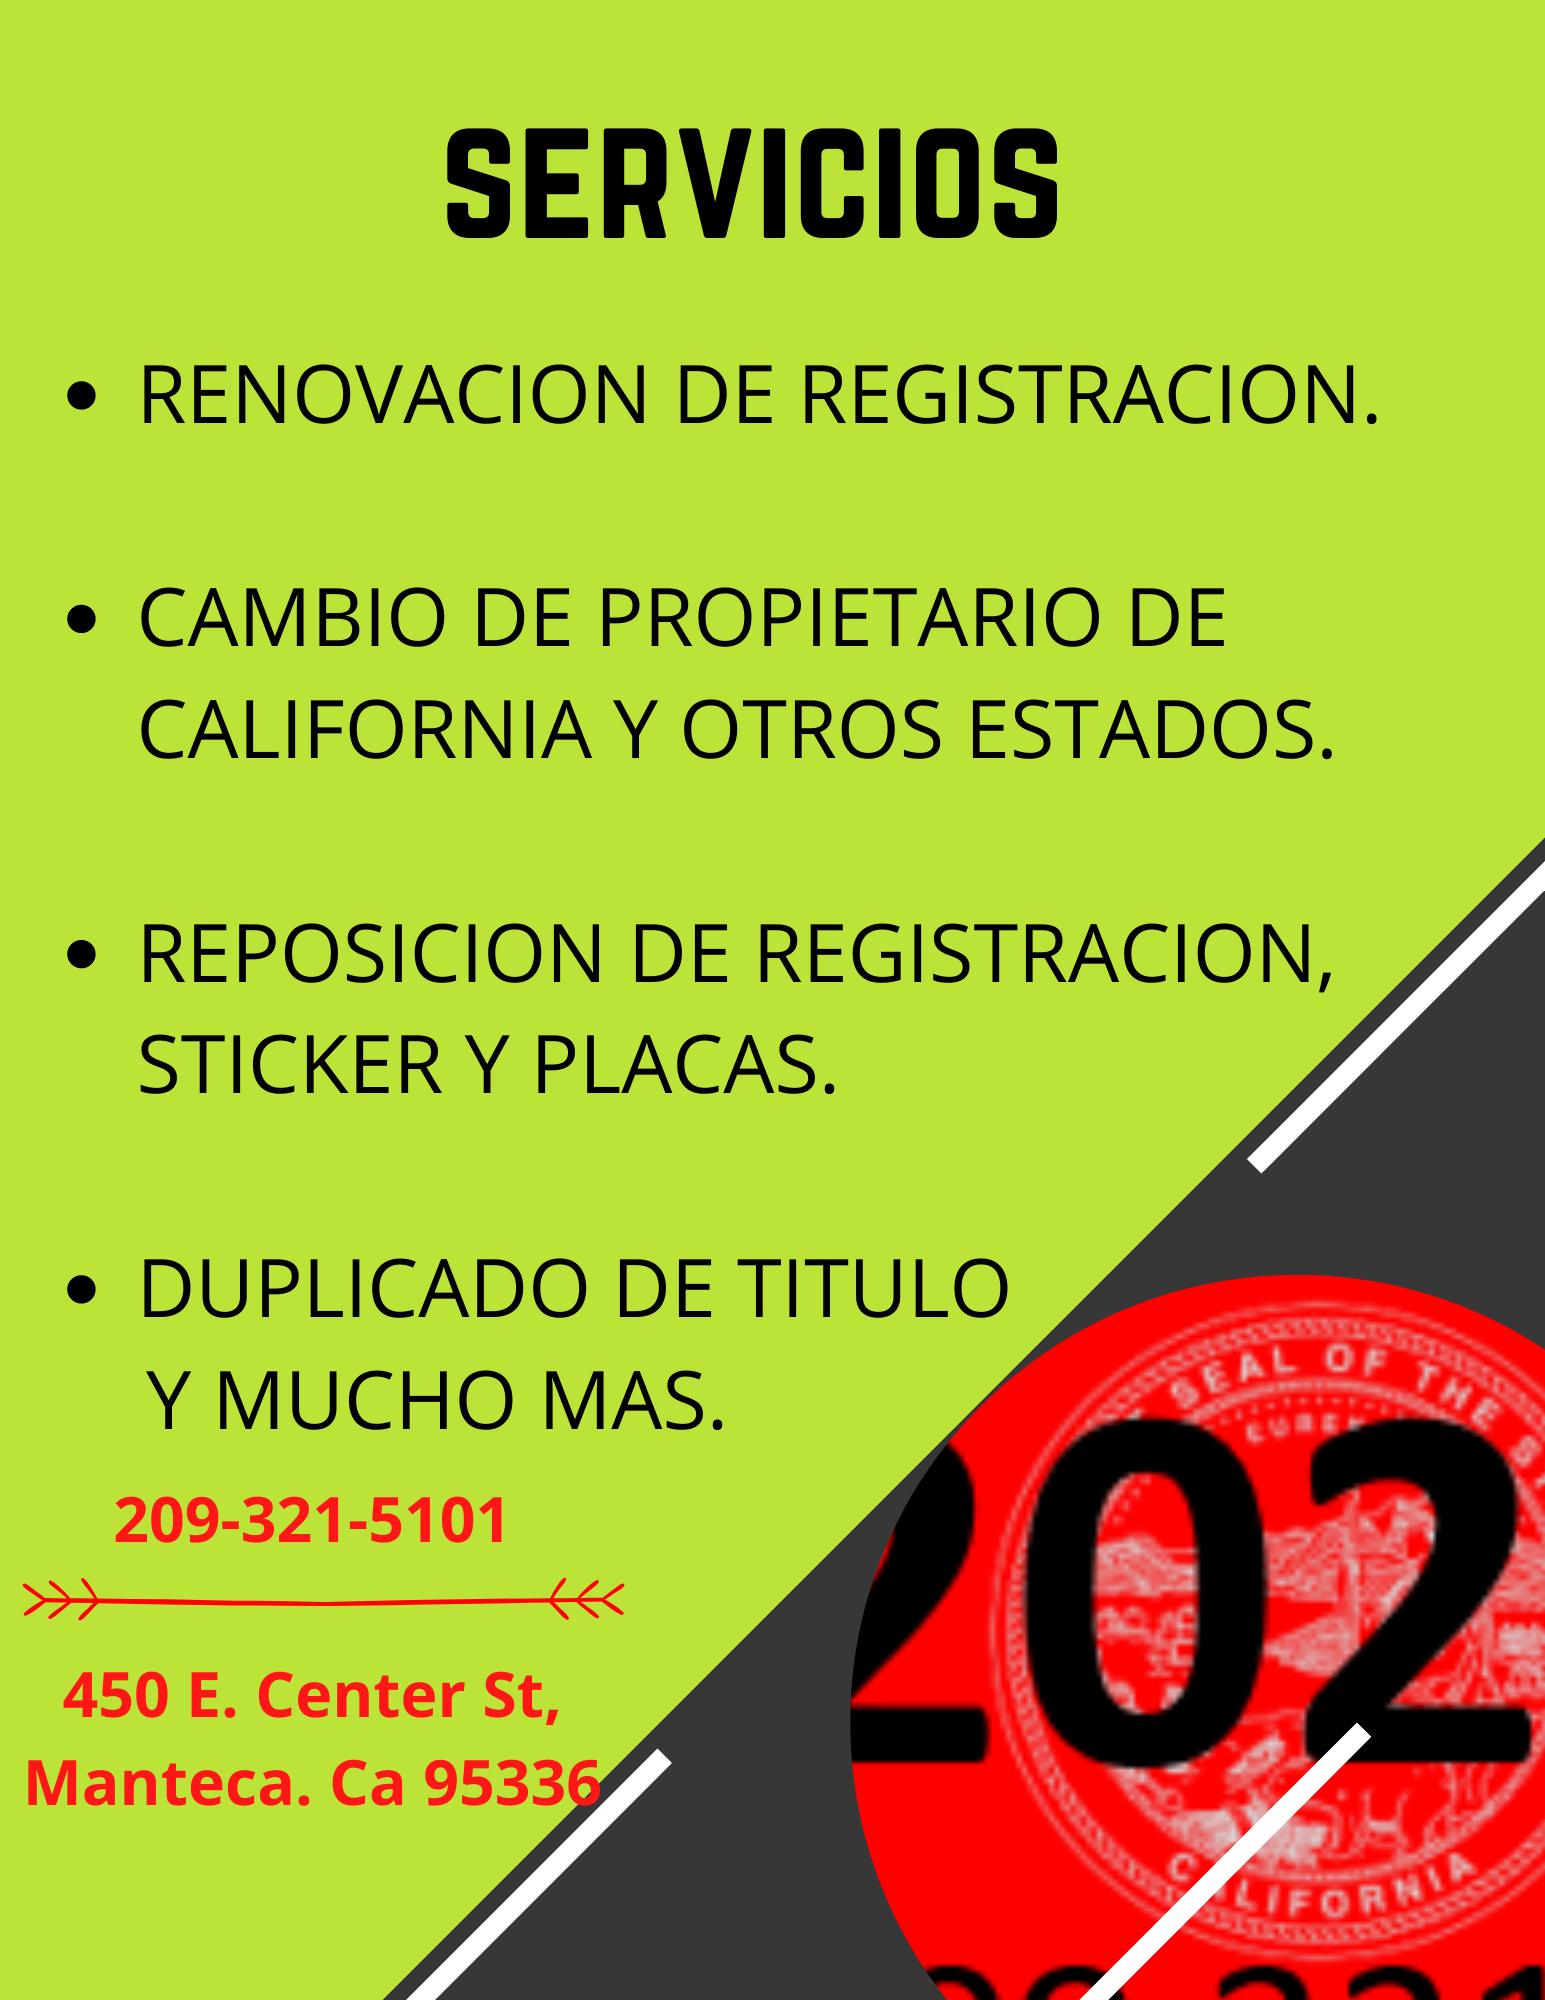 Servicio de Registracion flyer (1)